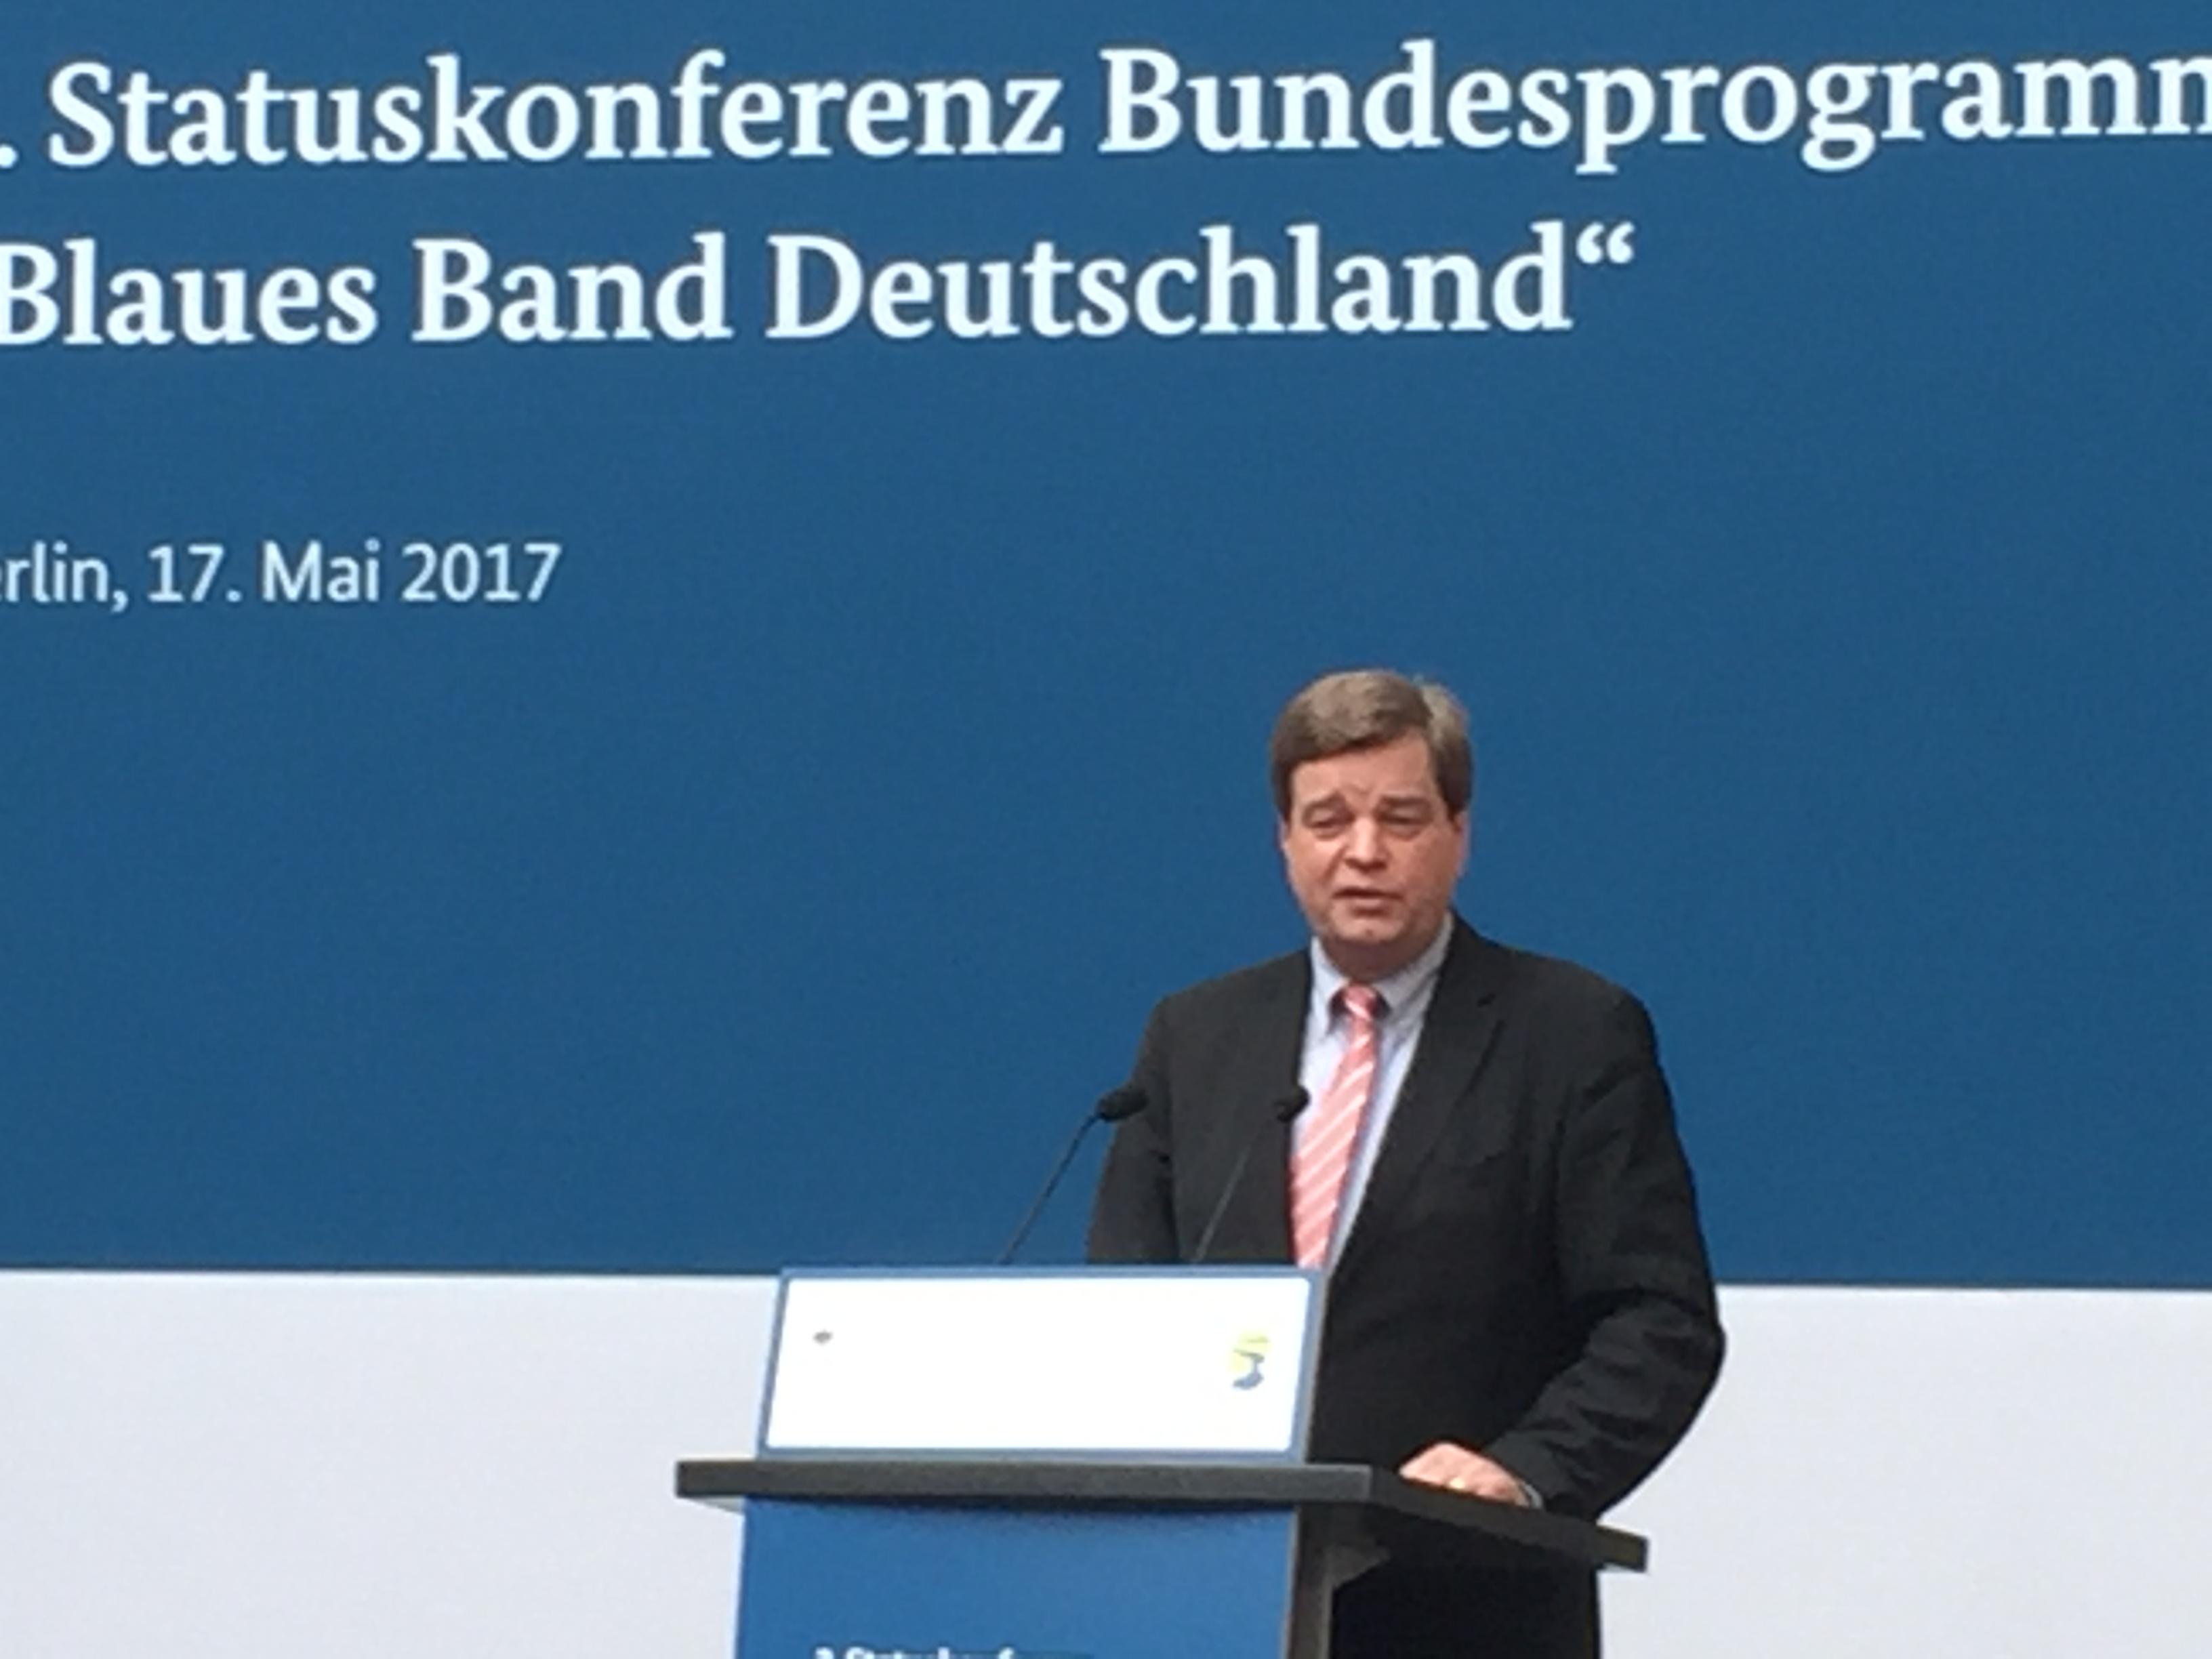 Statuskonferenz Blaues Band Deutschland : Enak Ferlemann, parlamentarischer Staatssekretär beim Bundesminister für Verkehr und digitale Infrastruktur.